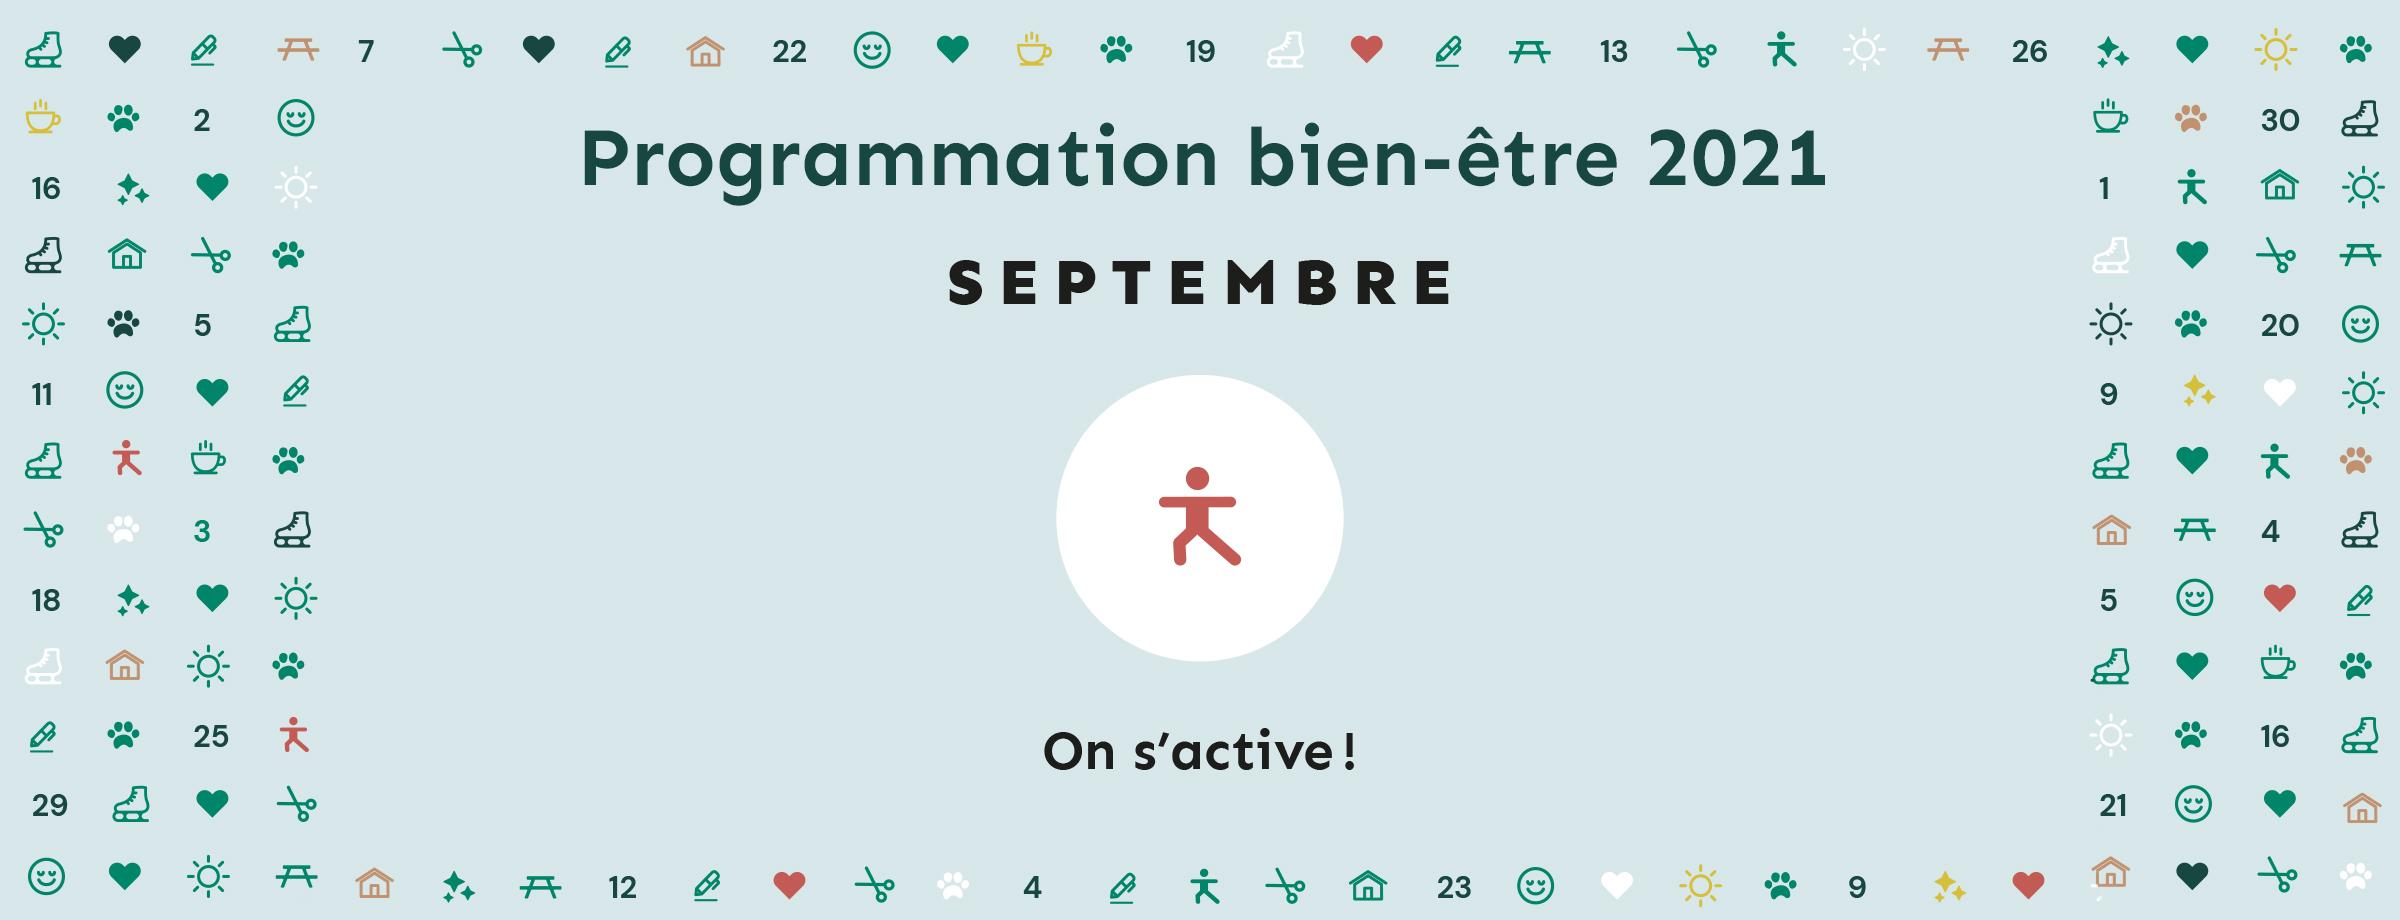 Programmation bien-être 2021   Thématique septembre